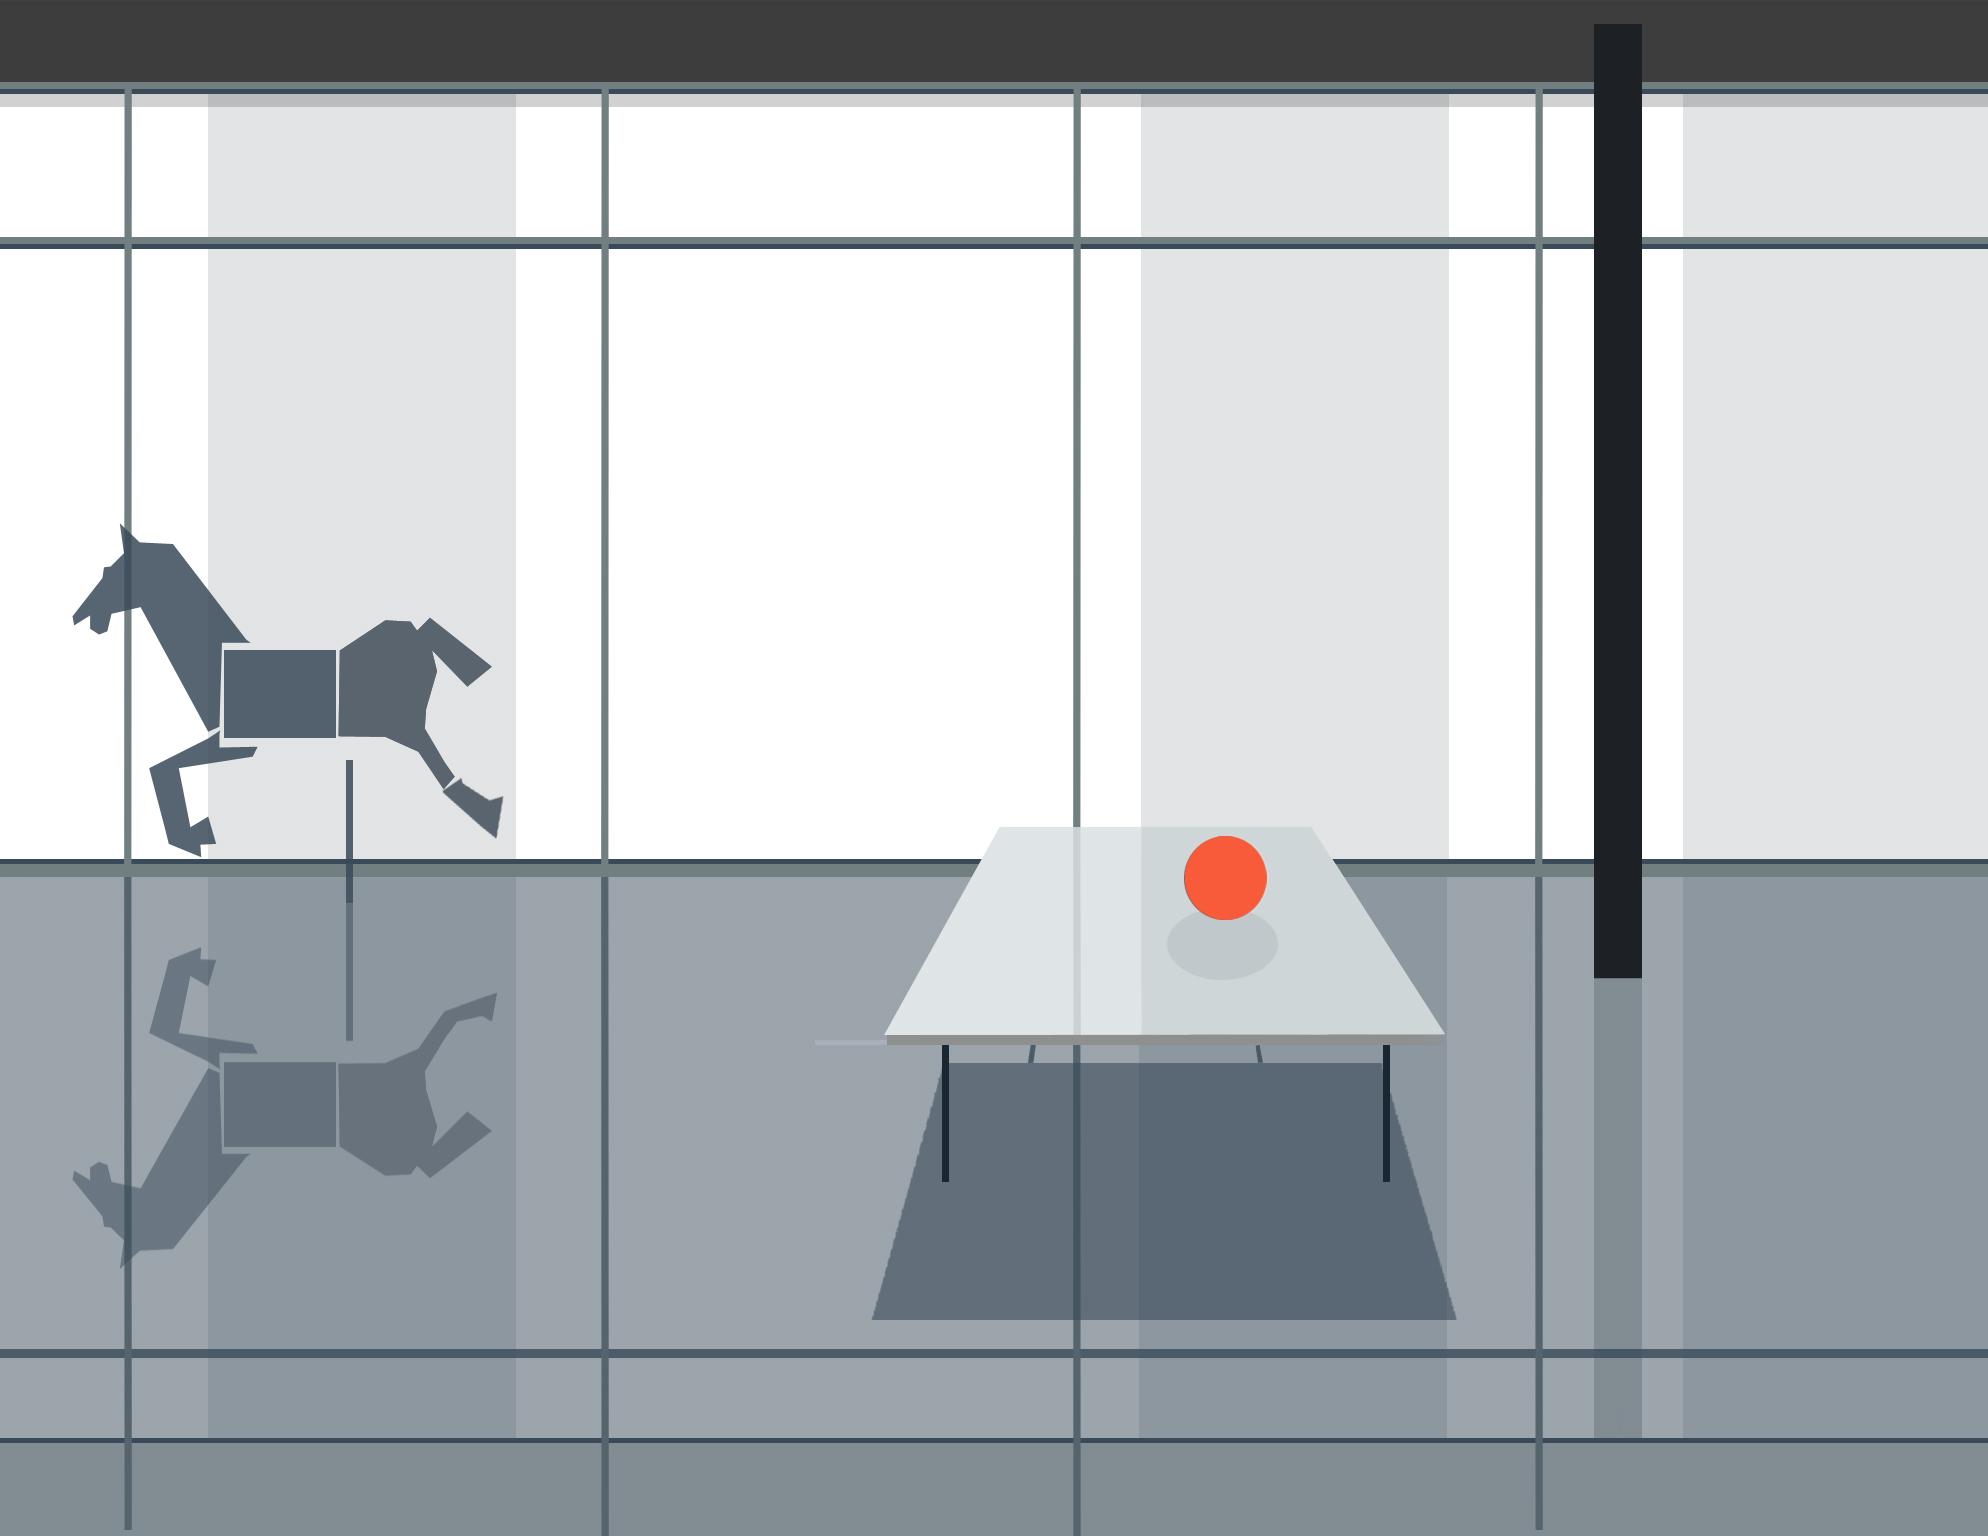 Casa de vidrio (2019) - Mara Sánchez Llorens